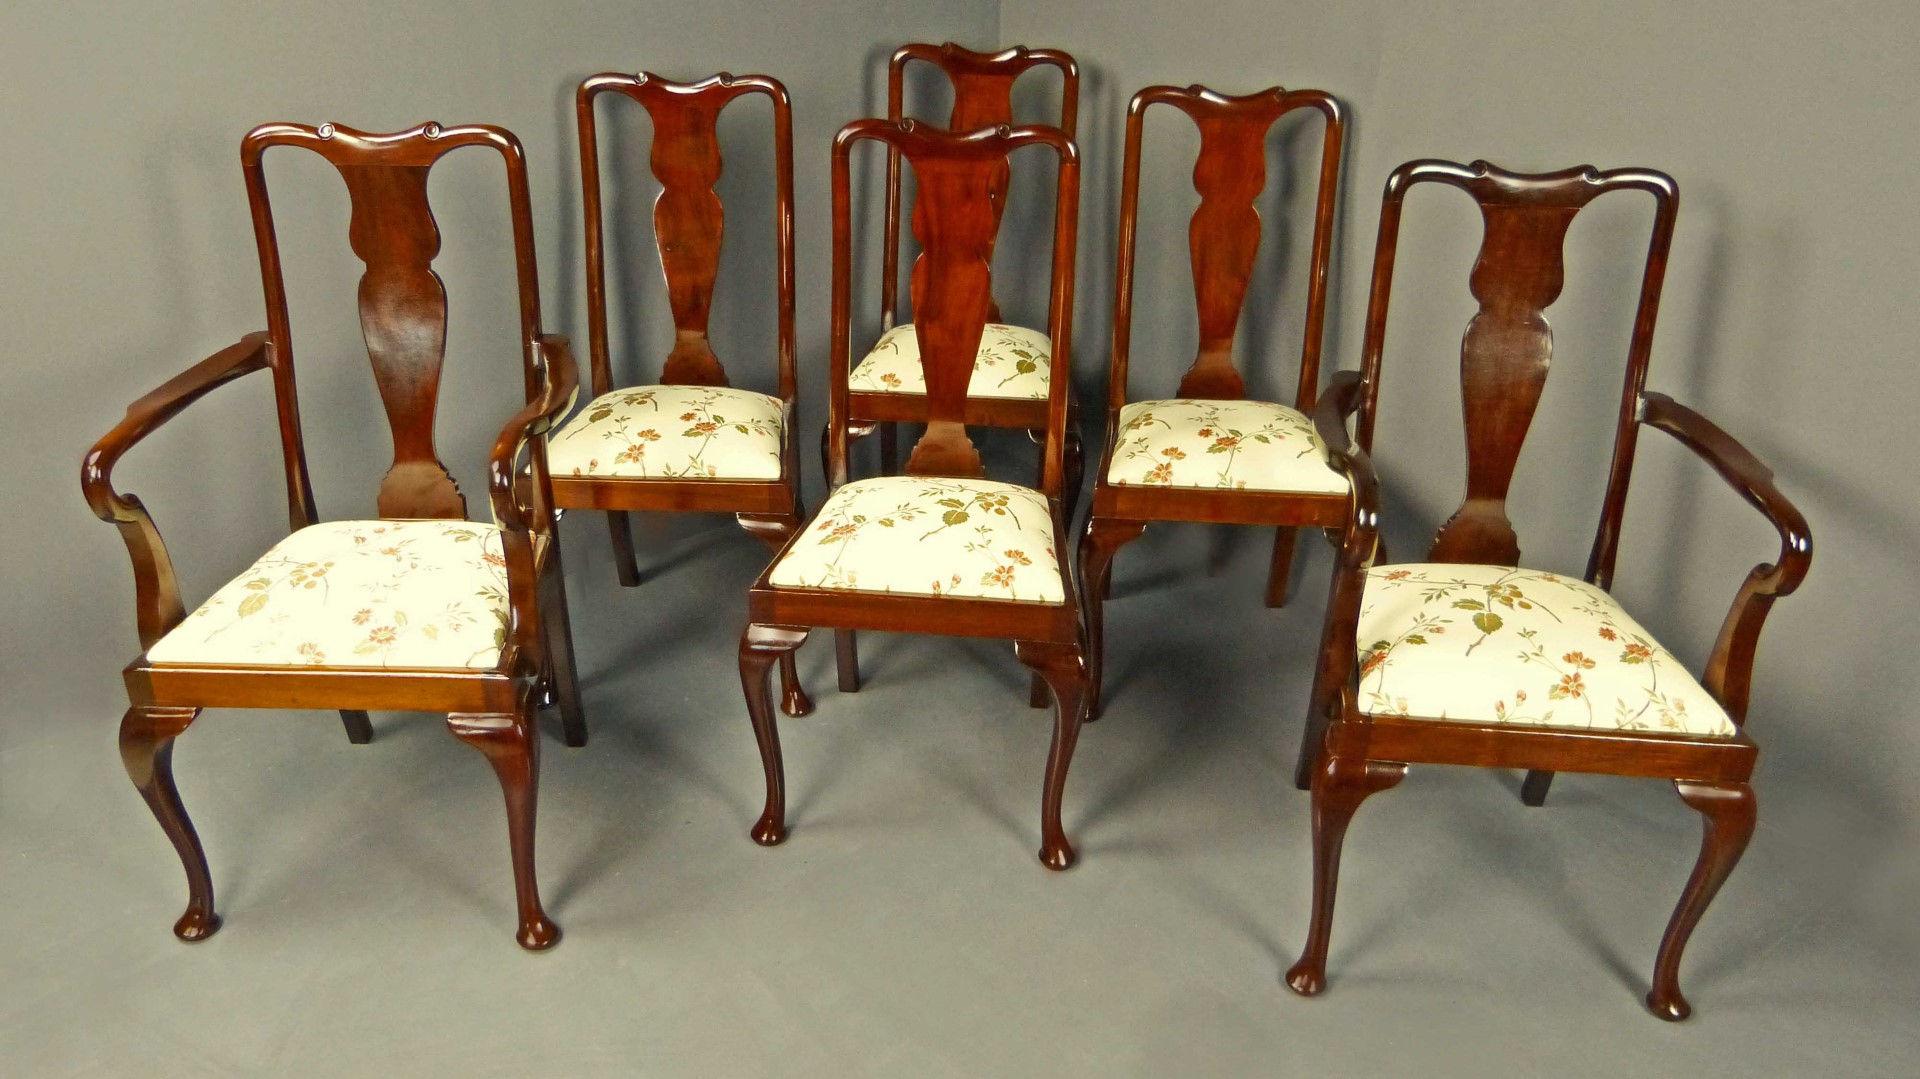 Image gallery sofas antiguos 1900 - Muebles antiguos ...